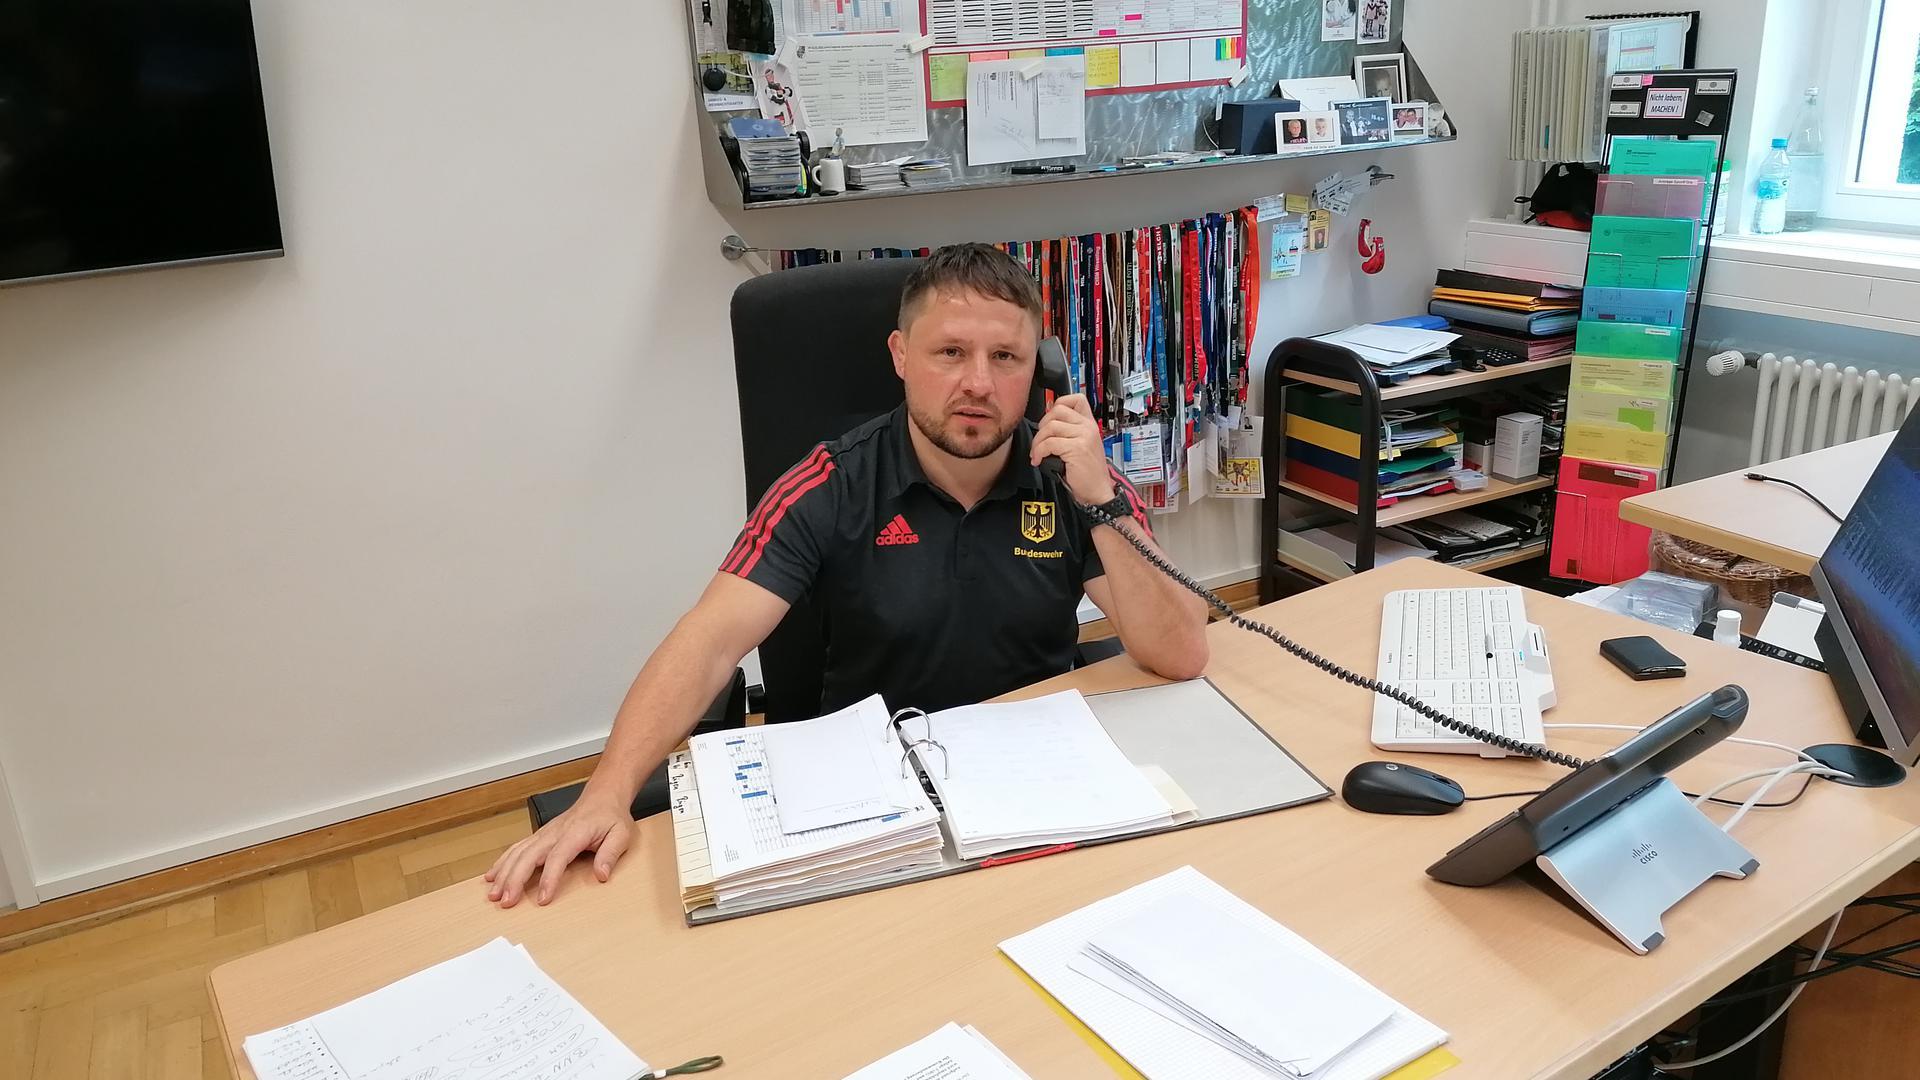 Frank Heinzelbecker an seinem Arbeitsplatz in der Kaserne